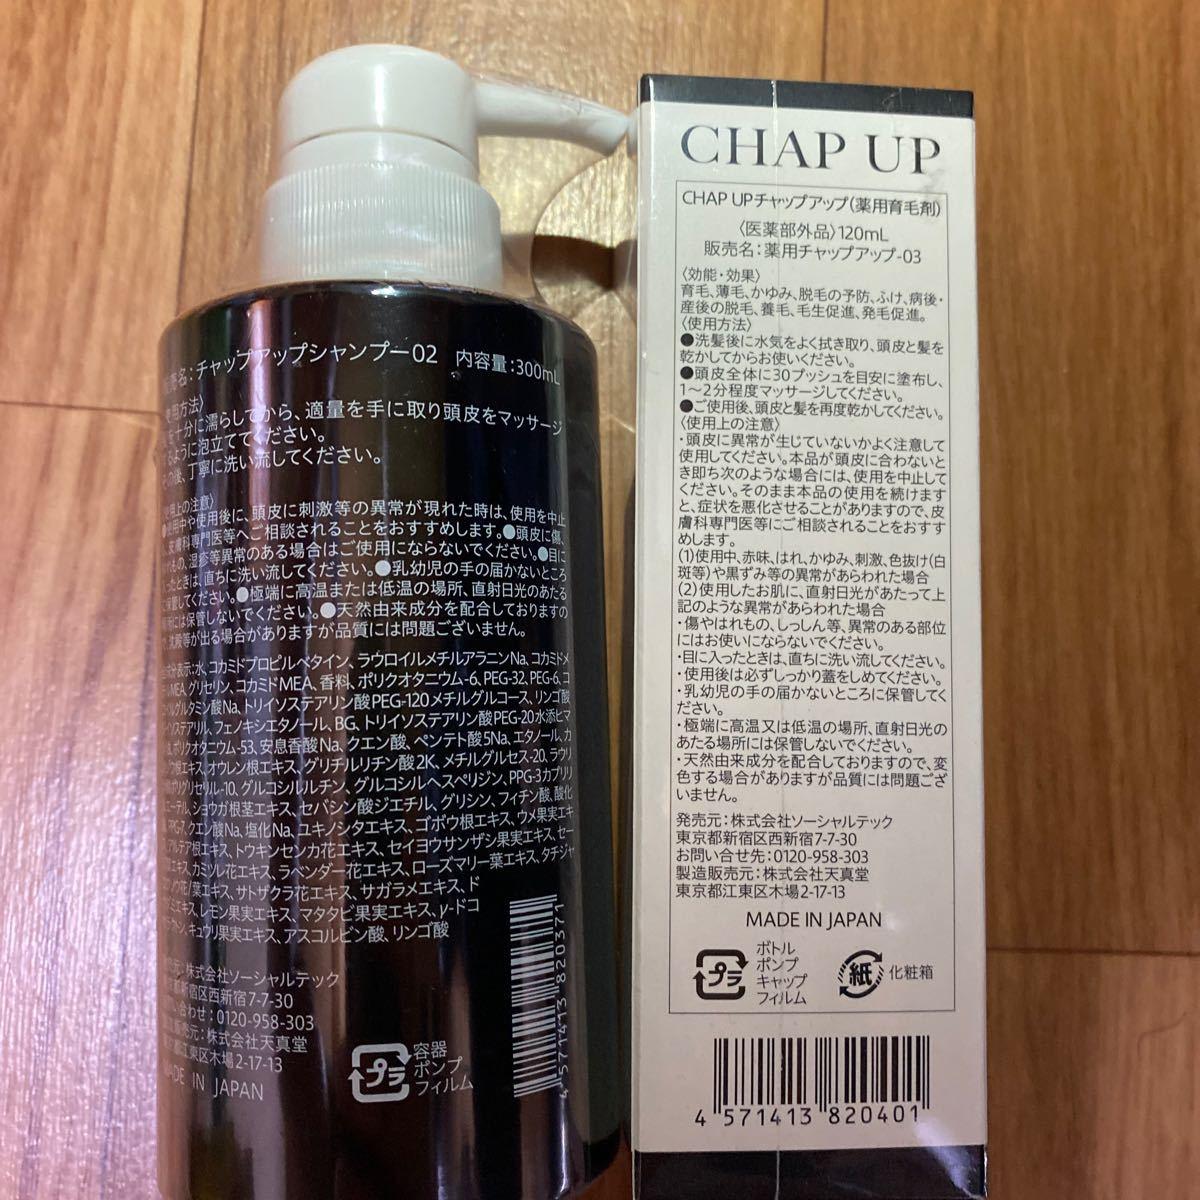 チャップアップ CHAP UP シャンプー 育毛剤1セット正規品